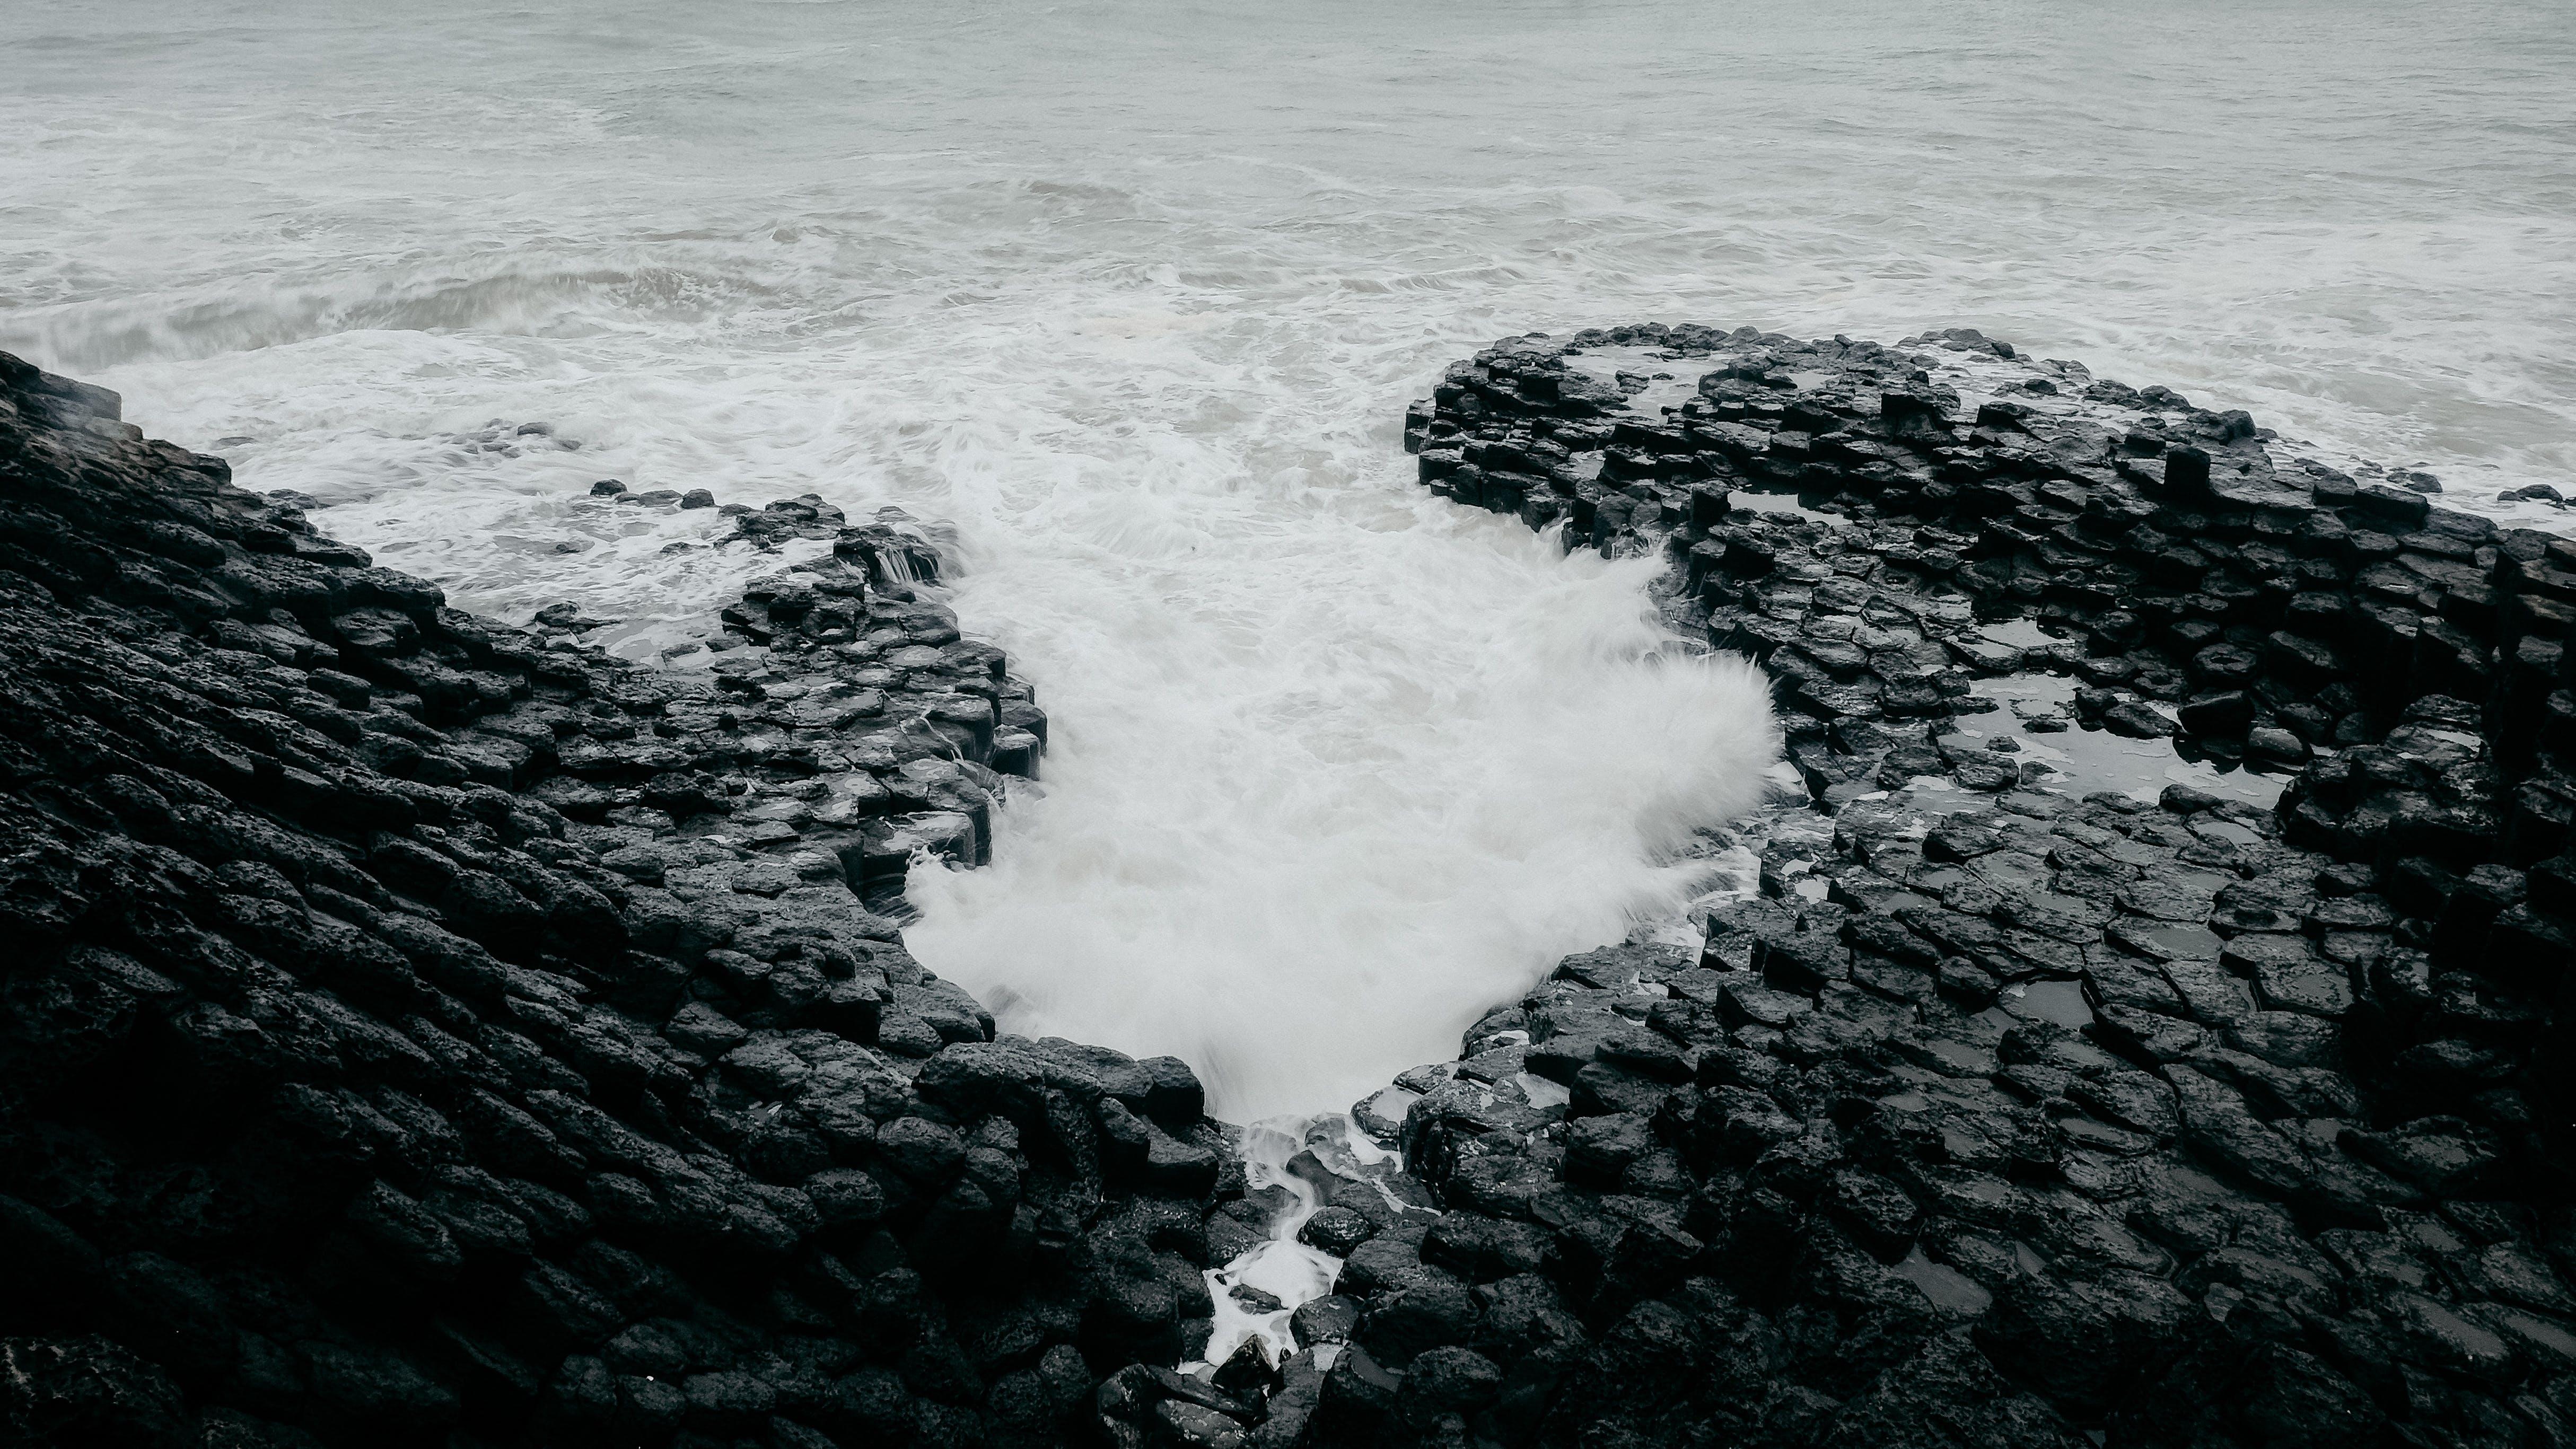 Kostnadsfri bild av hav, havsområde, havsstrand, stenar